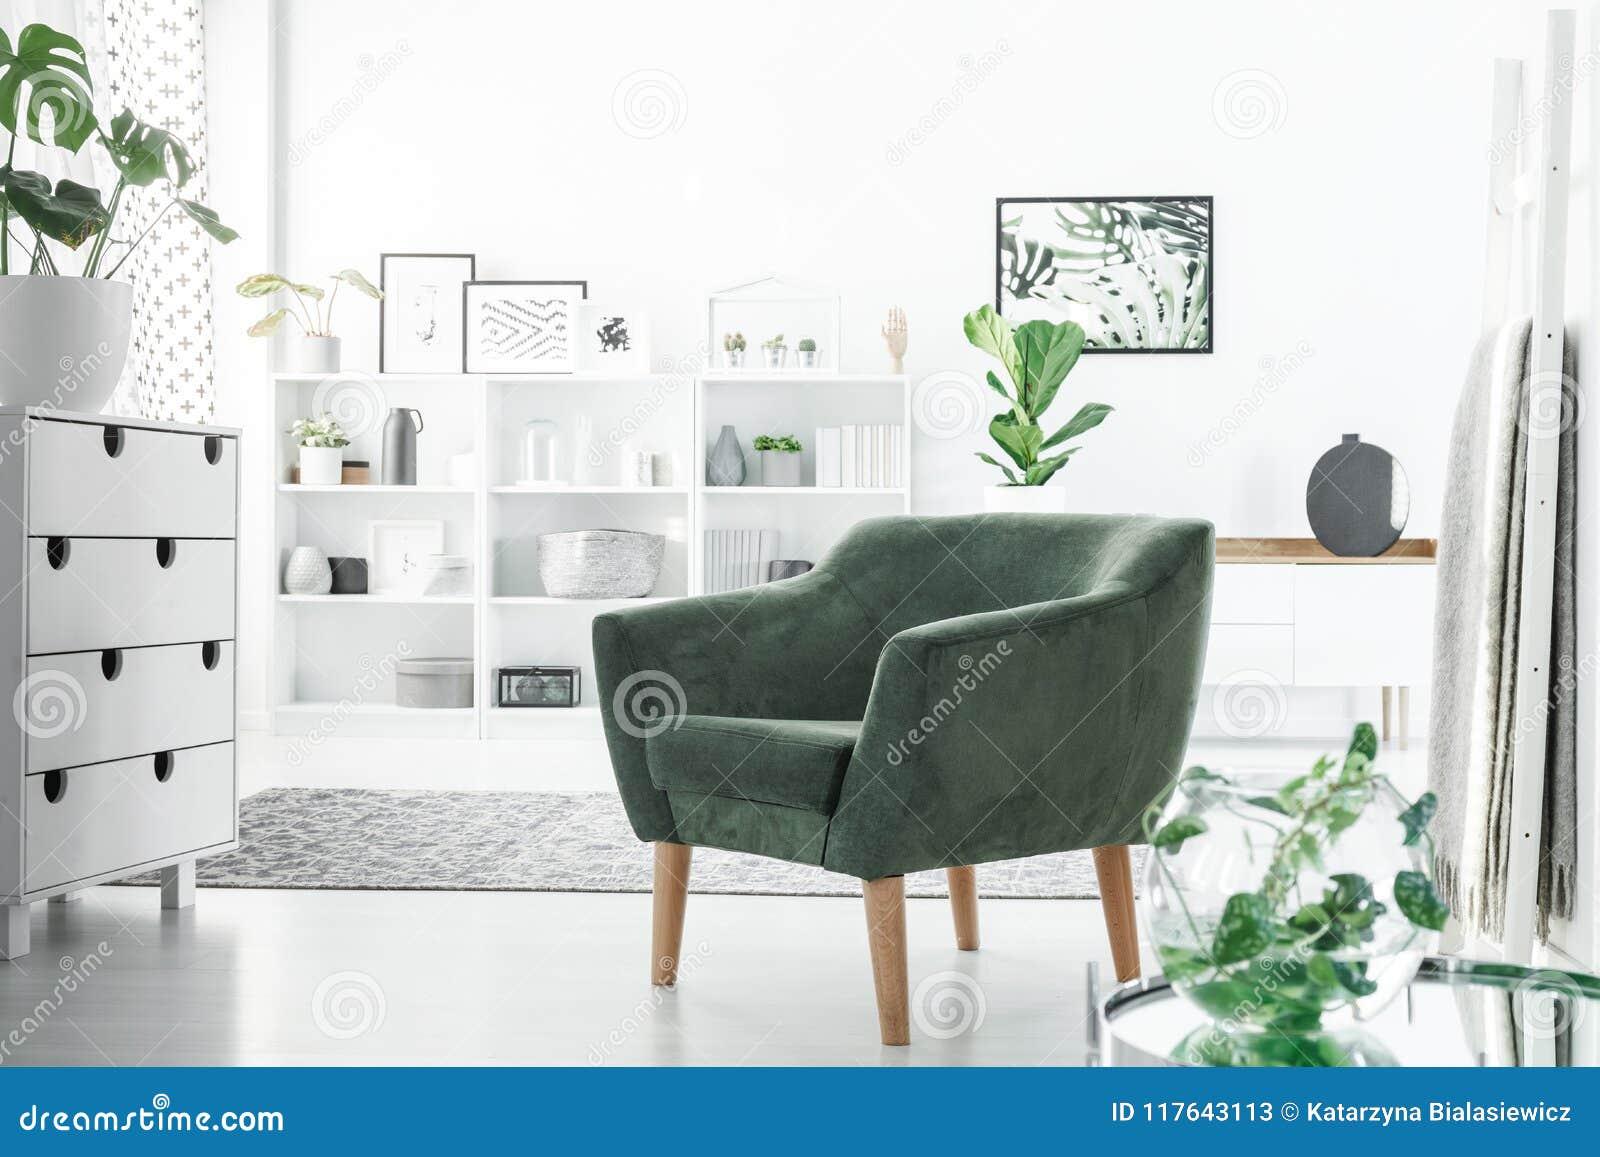 Fauteuil Dans La Chambre Blanche Image stock - Image du gris ...